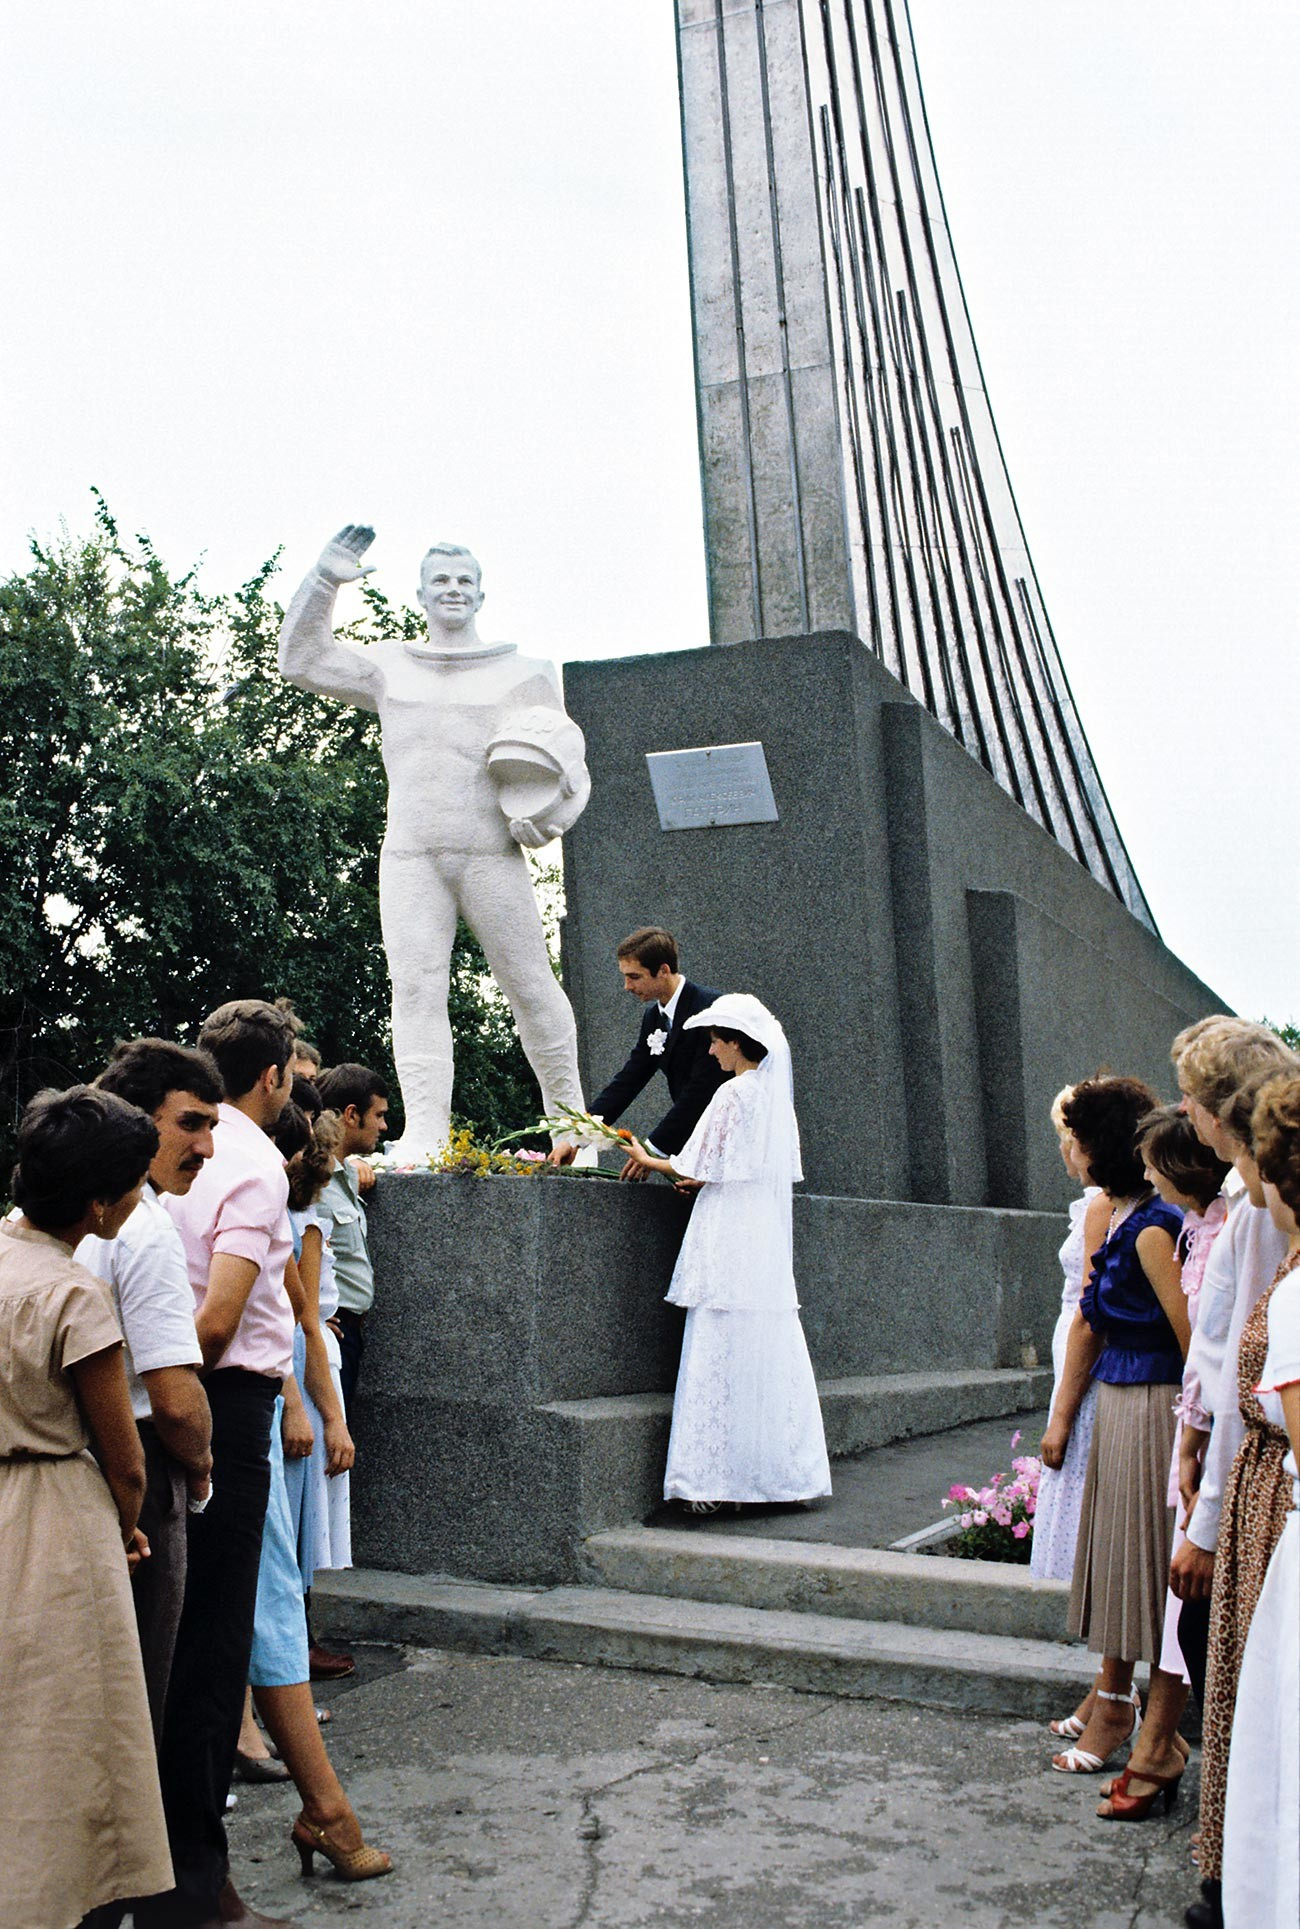 Полагане на цветя от младоженците до обелиска с паметника на Юрий Гагарин, монтиран на 20 м от мястото на кацането му.